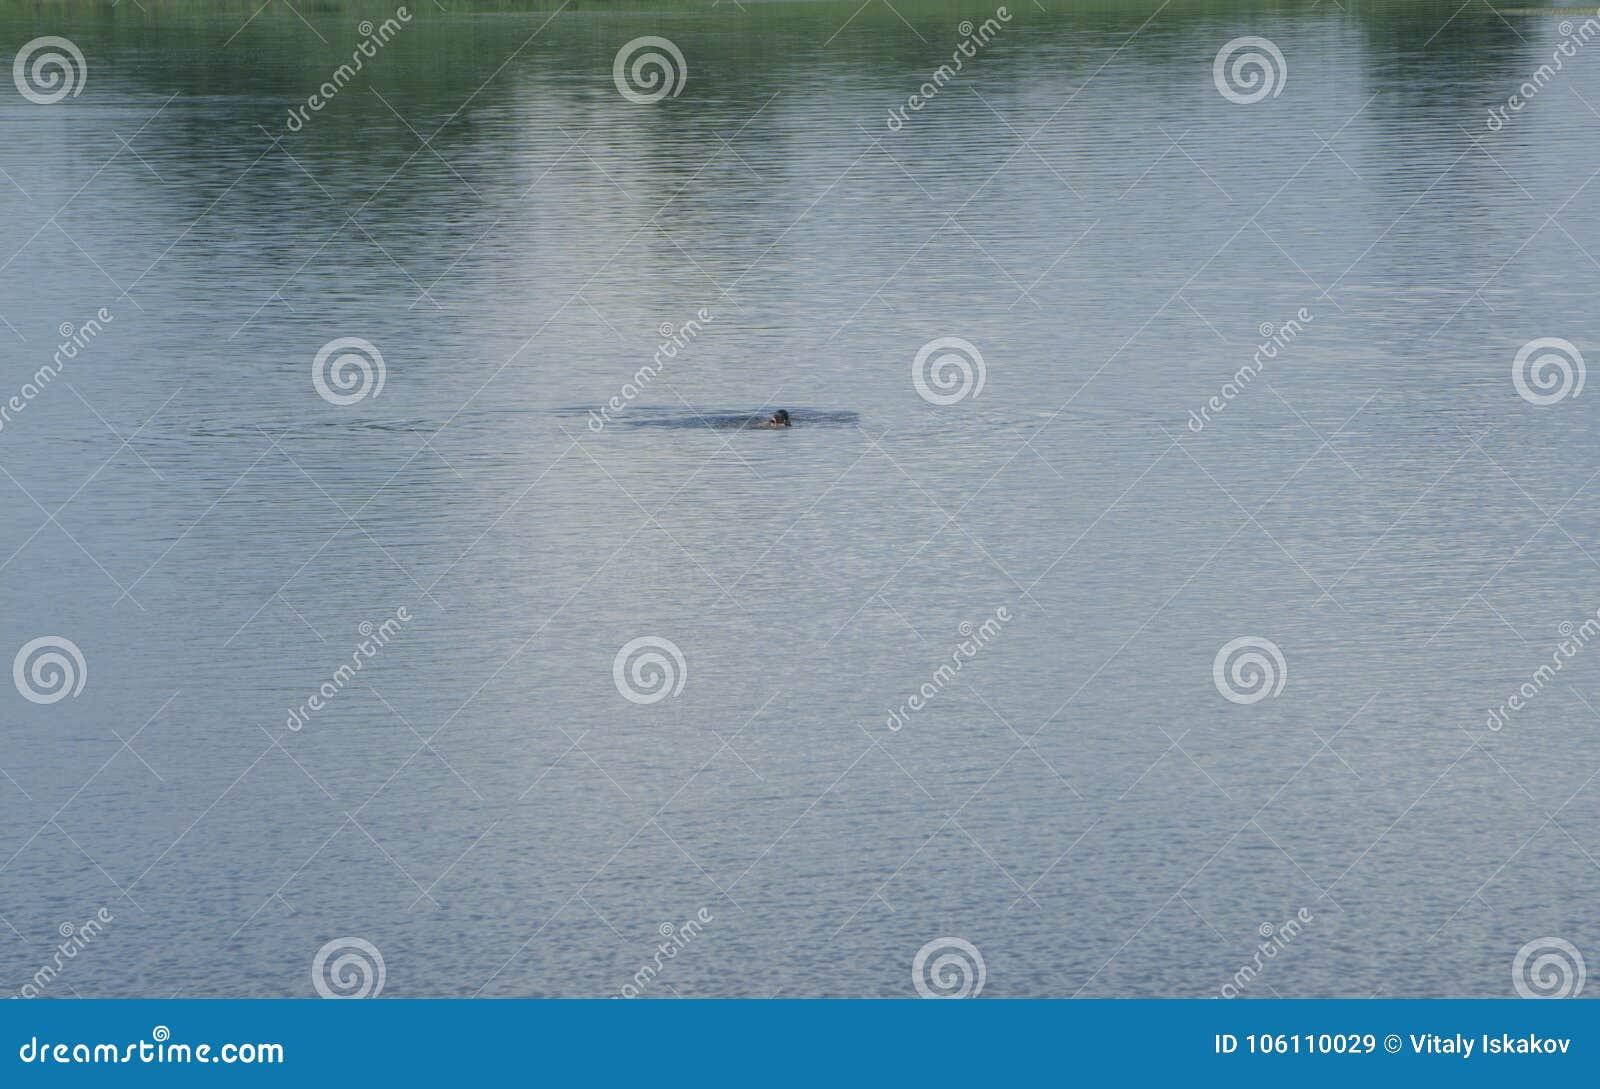 Schwimmer weit weg vom Ufer